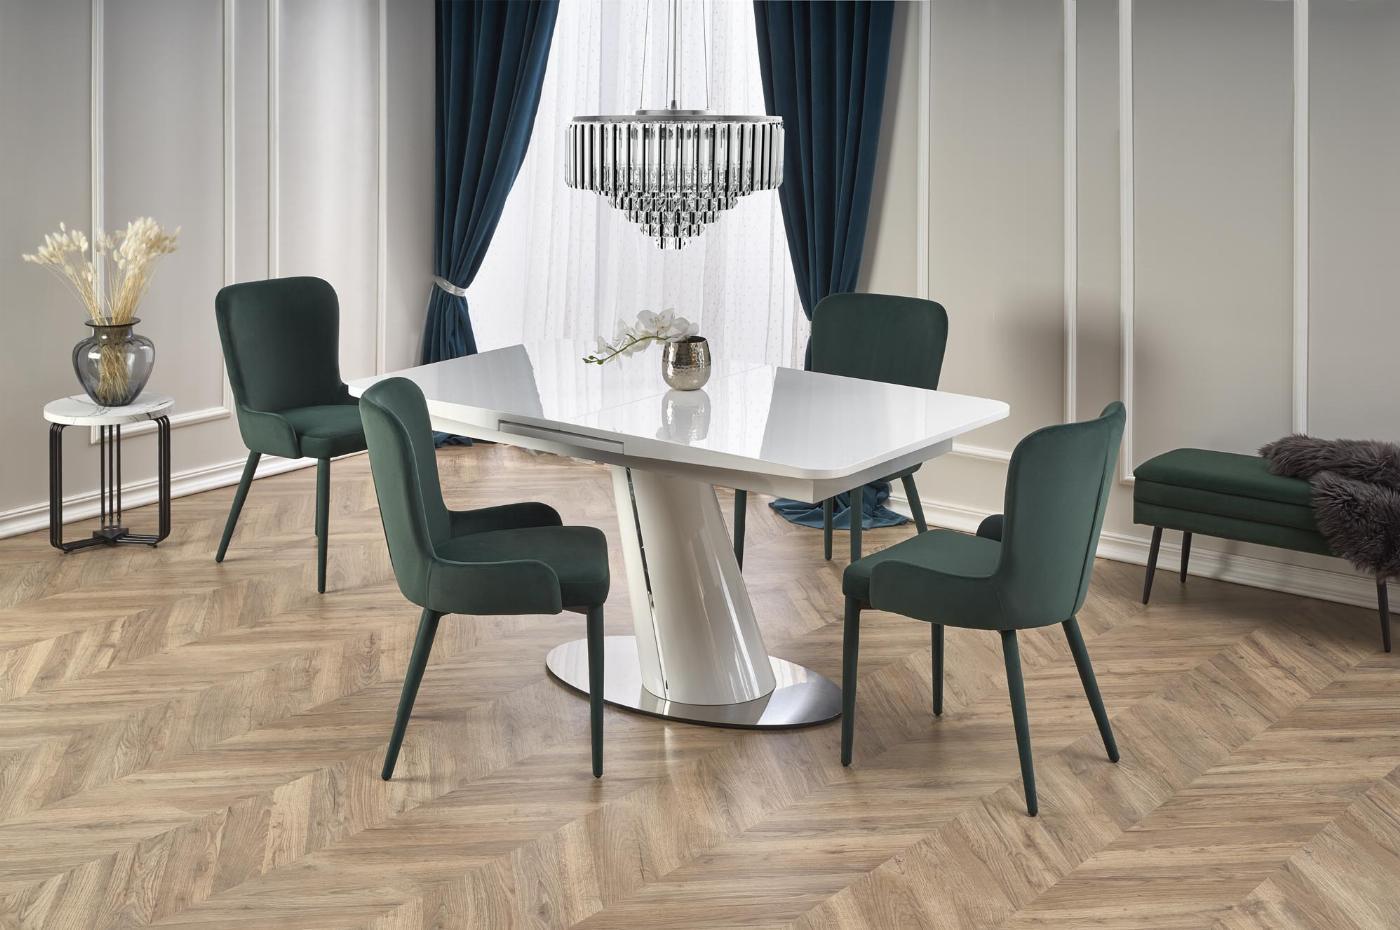 ODENSE stół rozkładany, kolor: blat - biały podstawa - biały